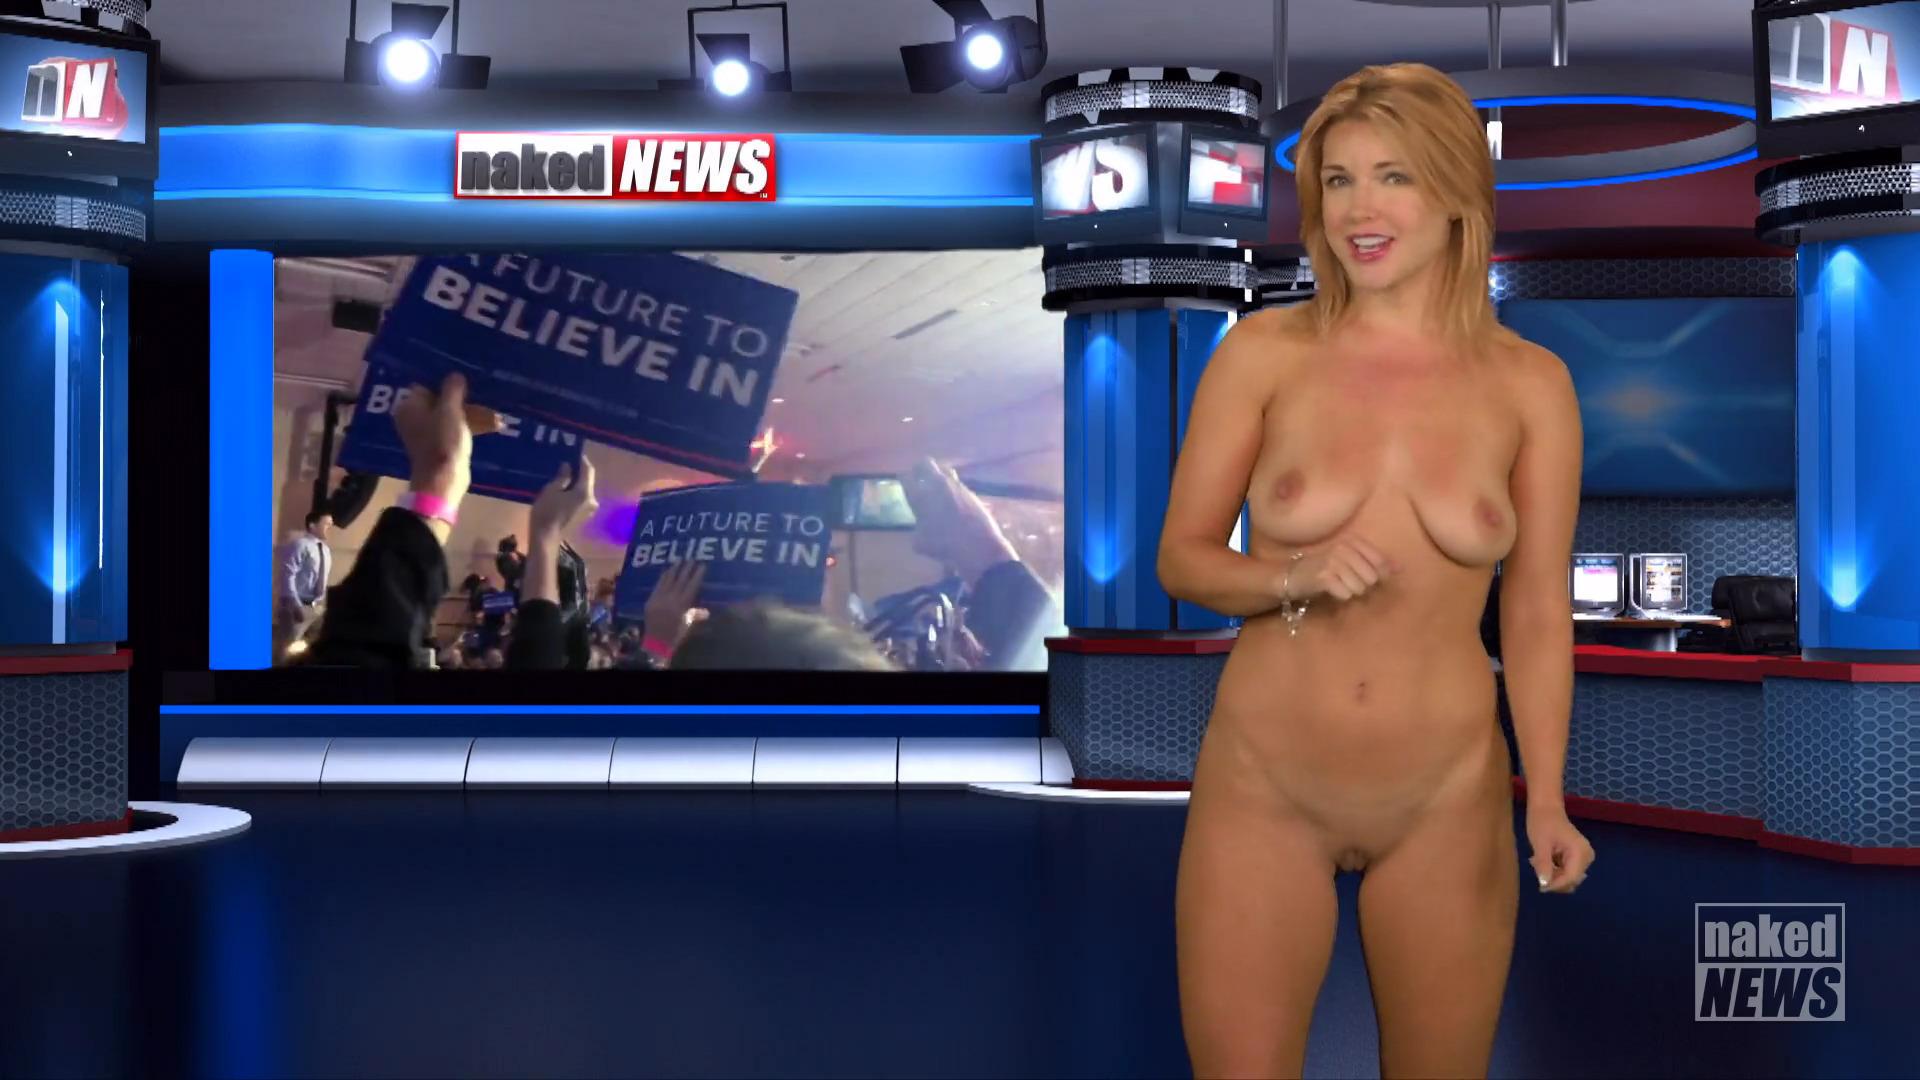 russian-nude-tv-channel